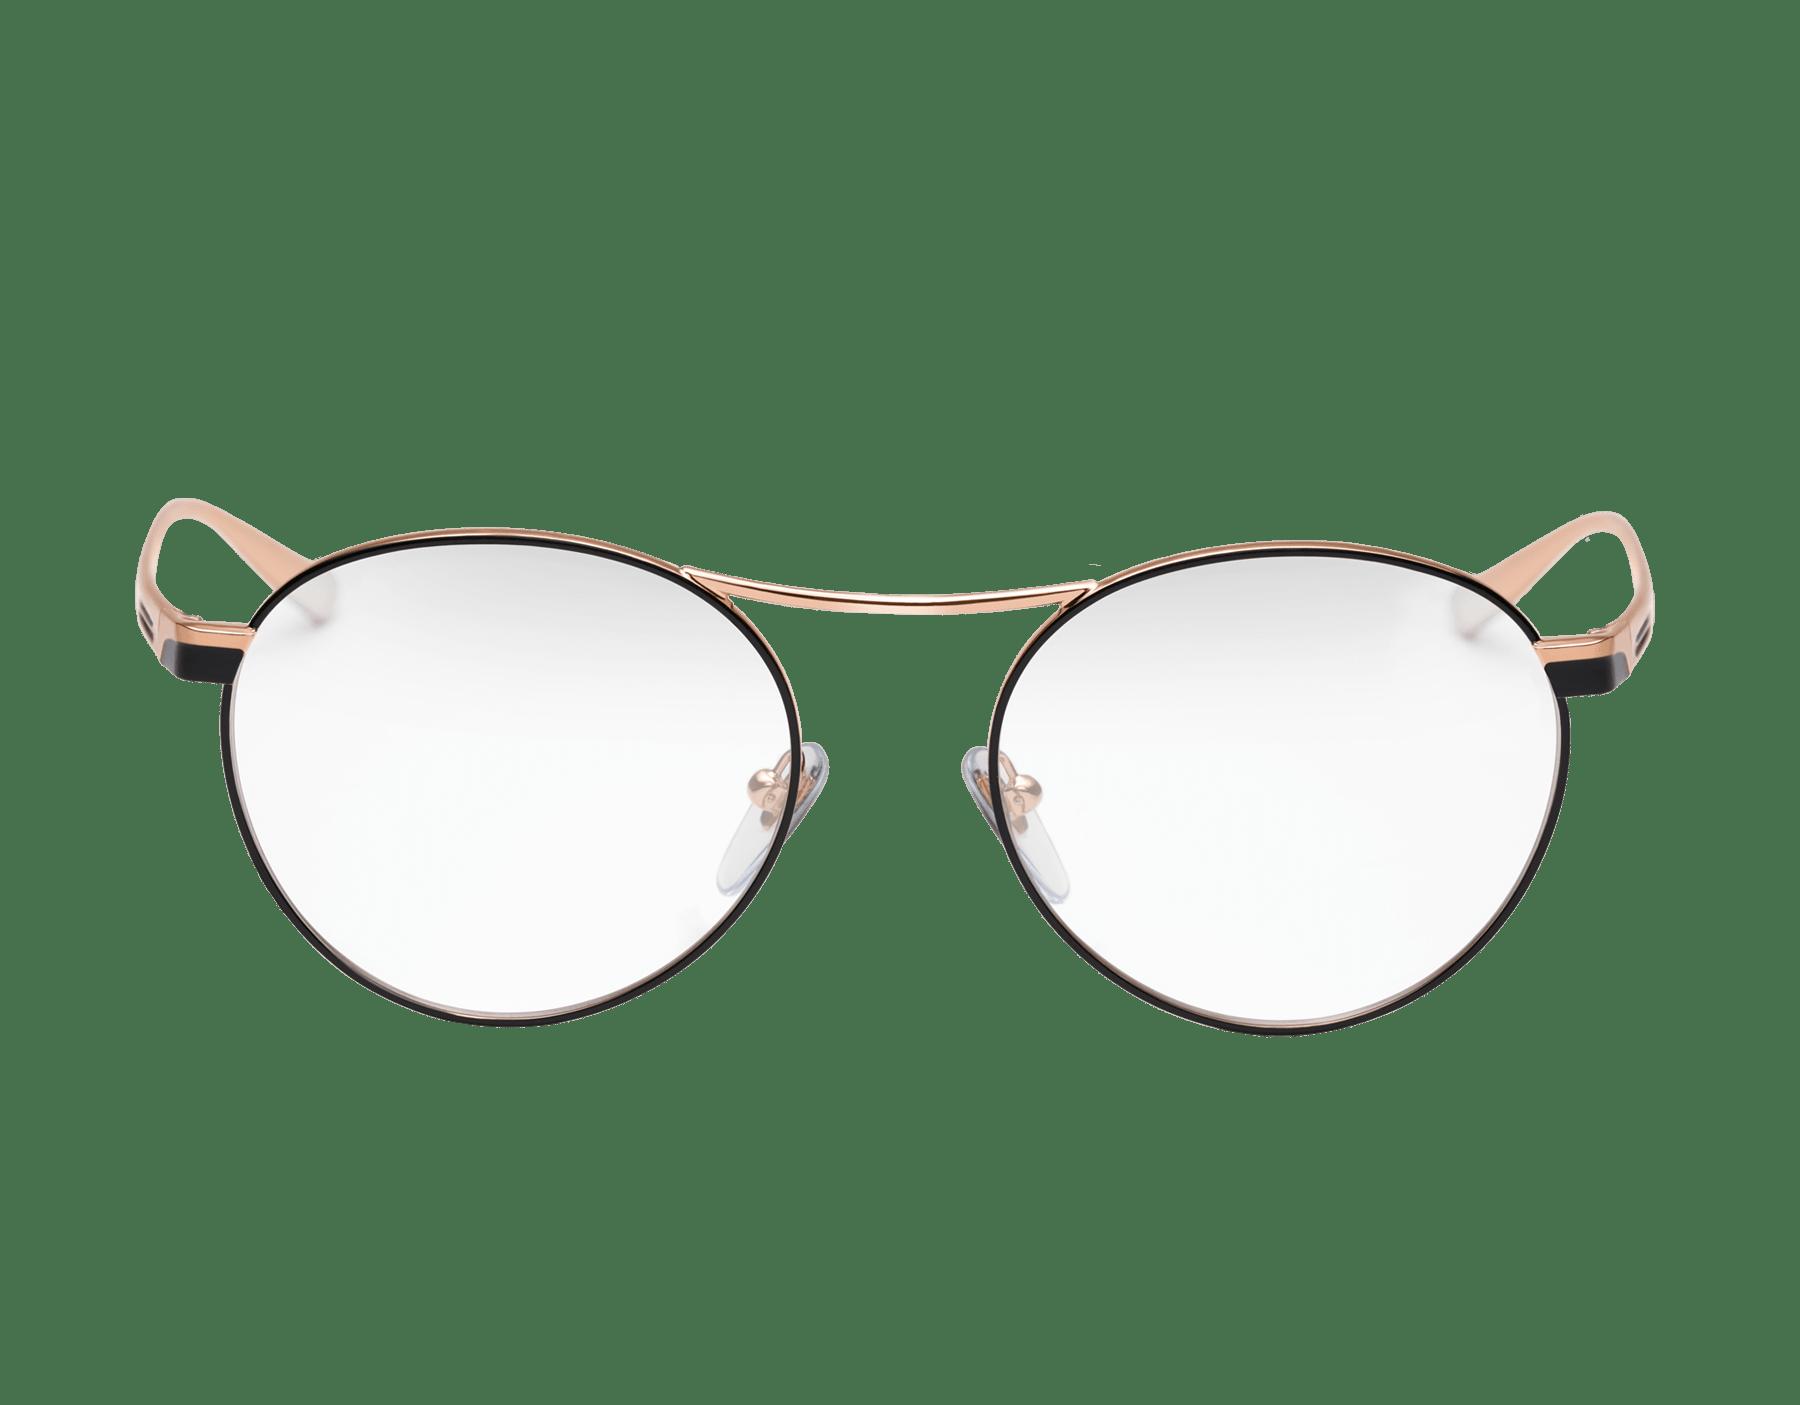 Bulgari B.zero1 B.glassy: occhiali da vista in metallo dalla forma arrotondata. 903758 image 2